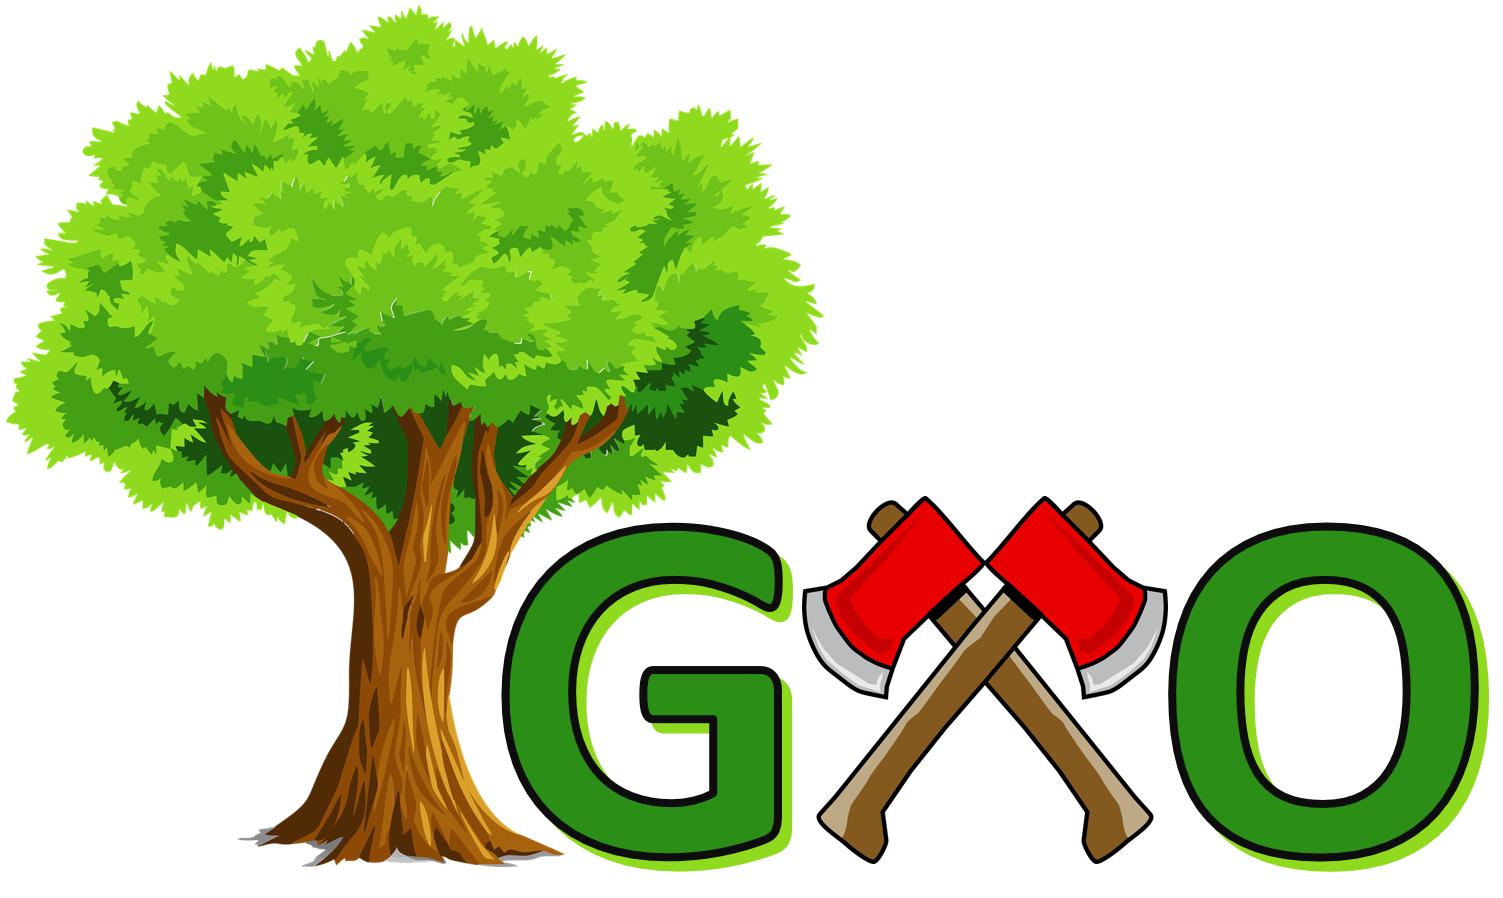 Holzschlägerung-, bringung und Zerkleinerung